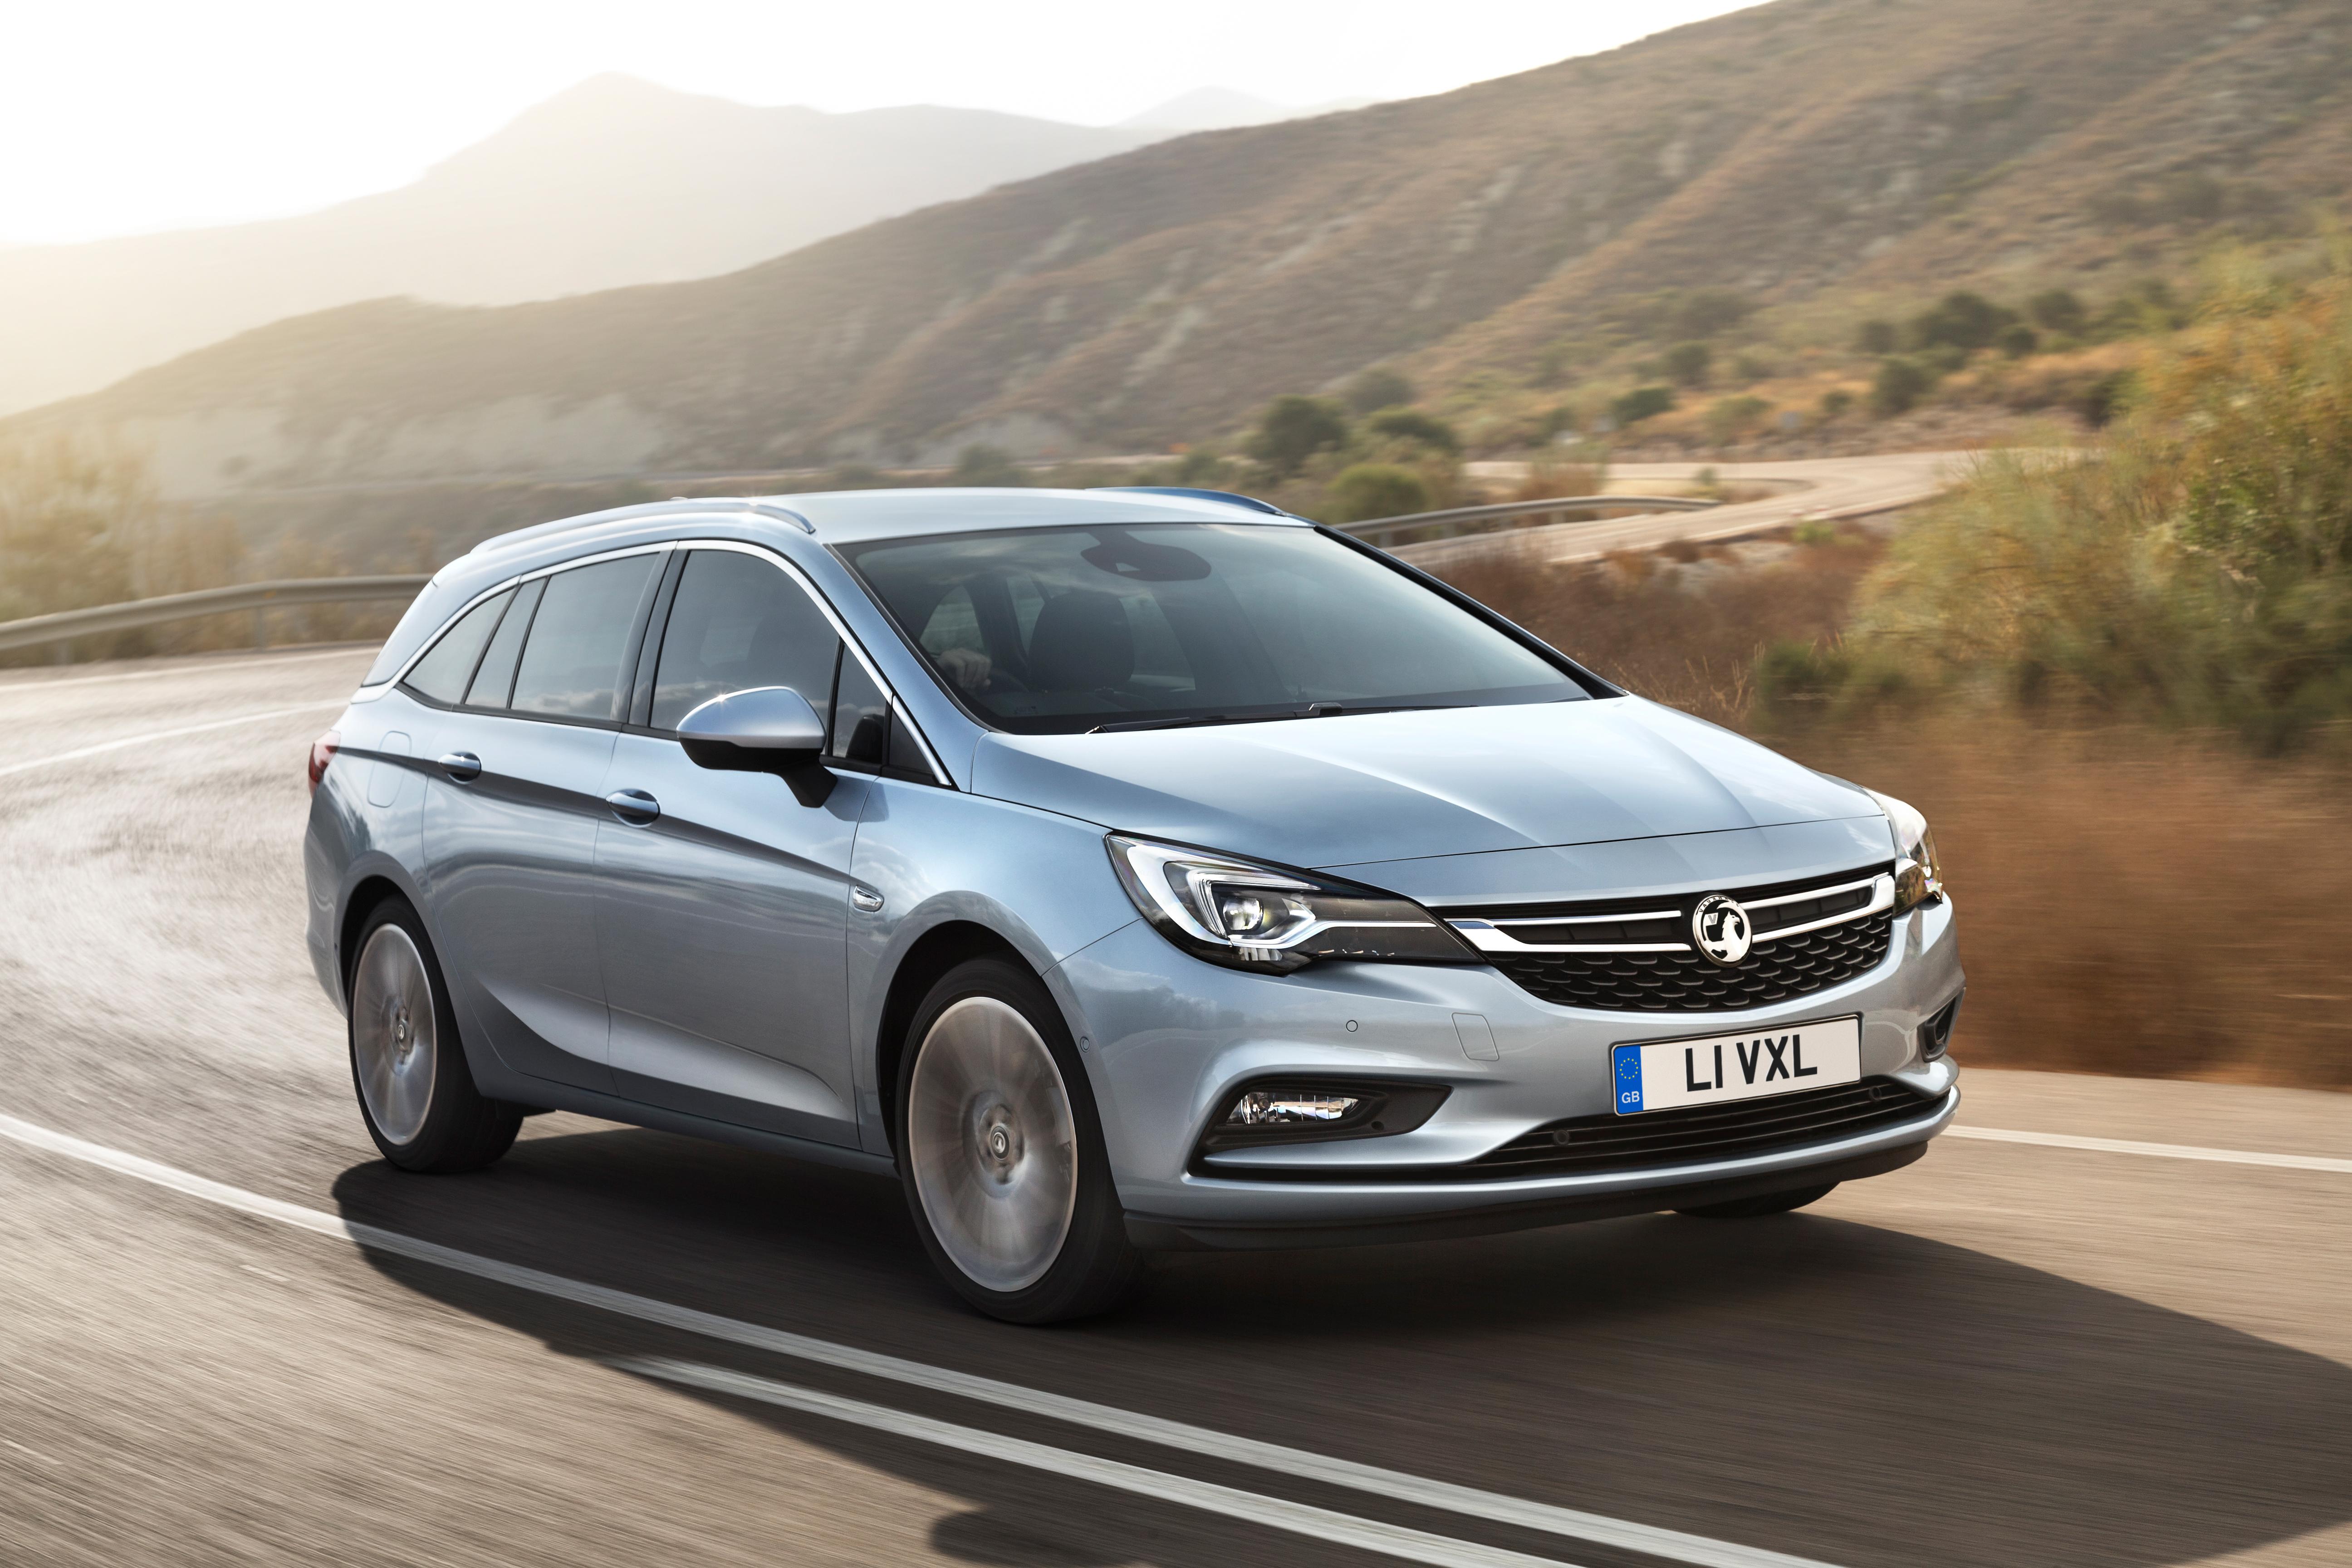 Opel har præsenteret sin nye stationcar, nye Astra Sports Tourer | Bilmagasinet.dk